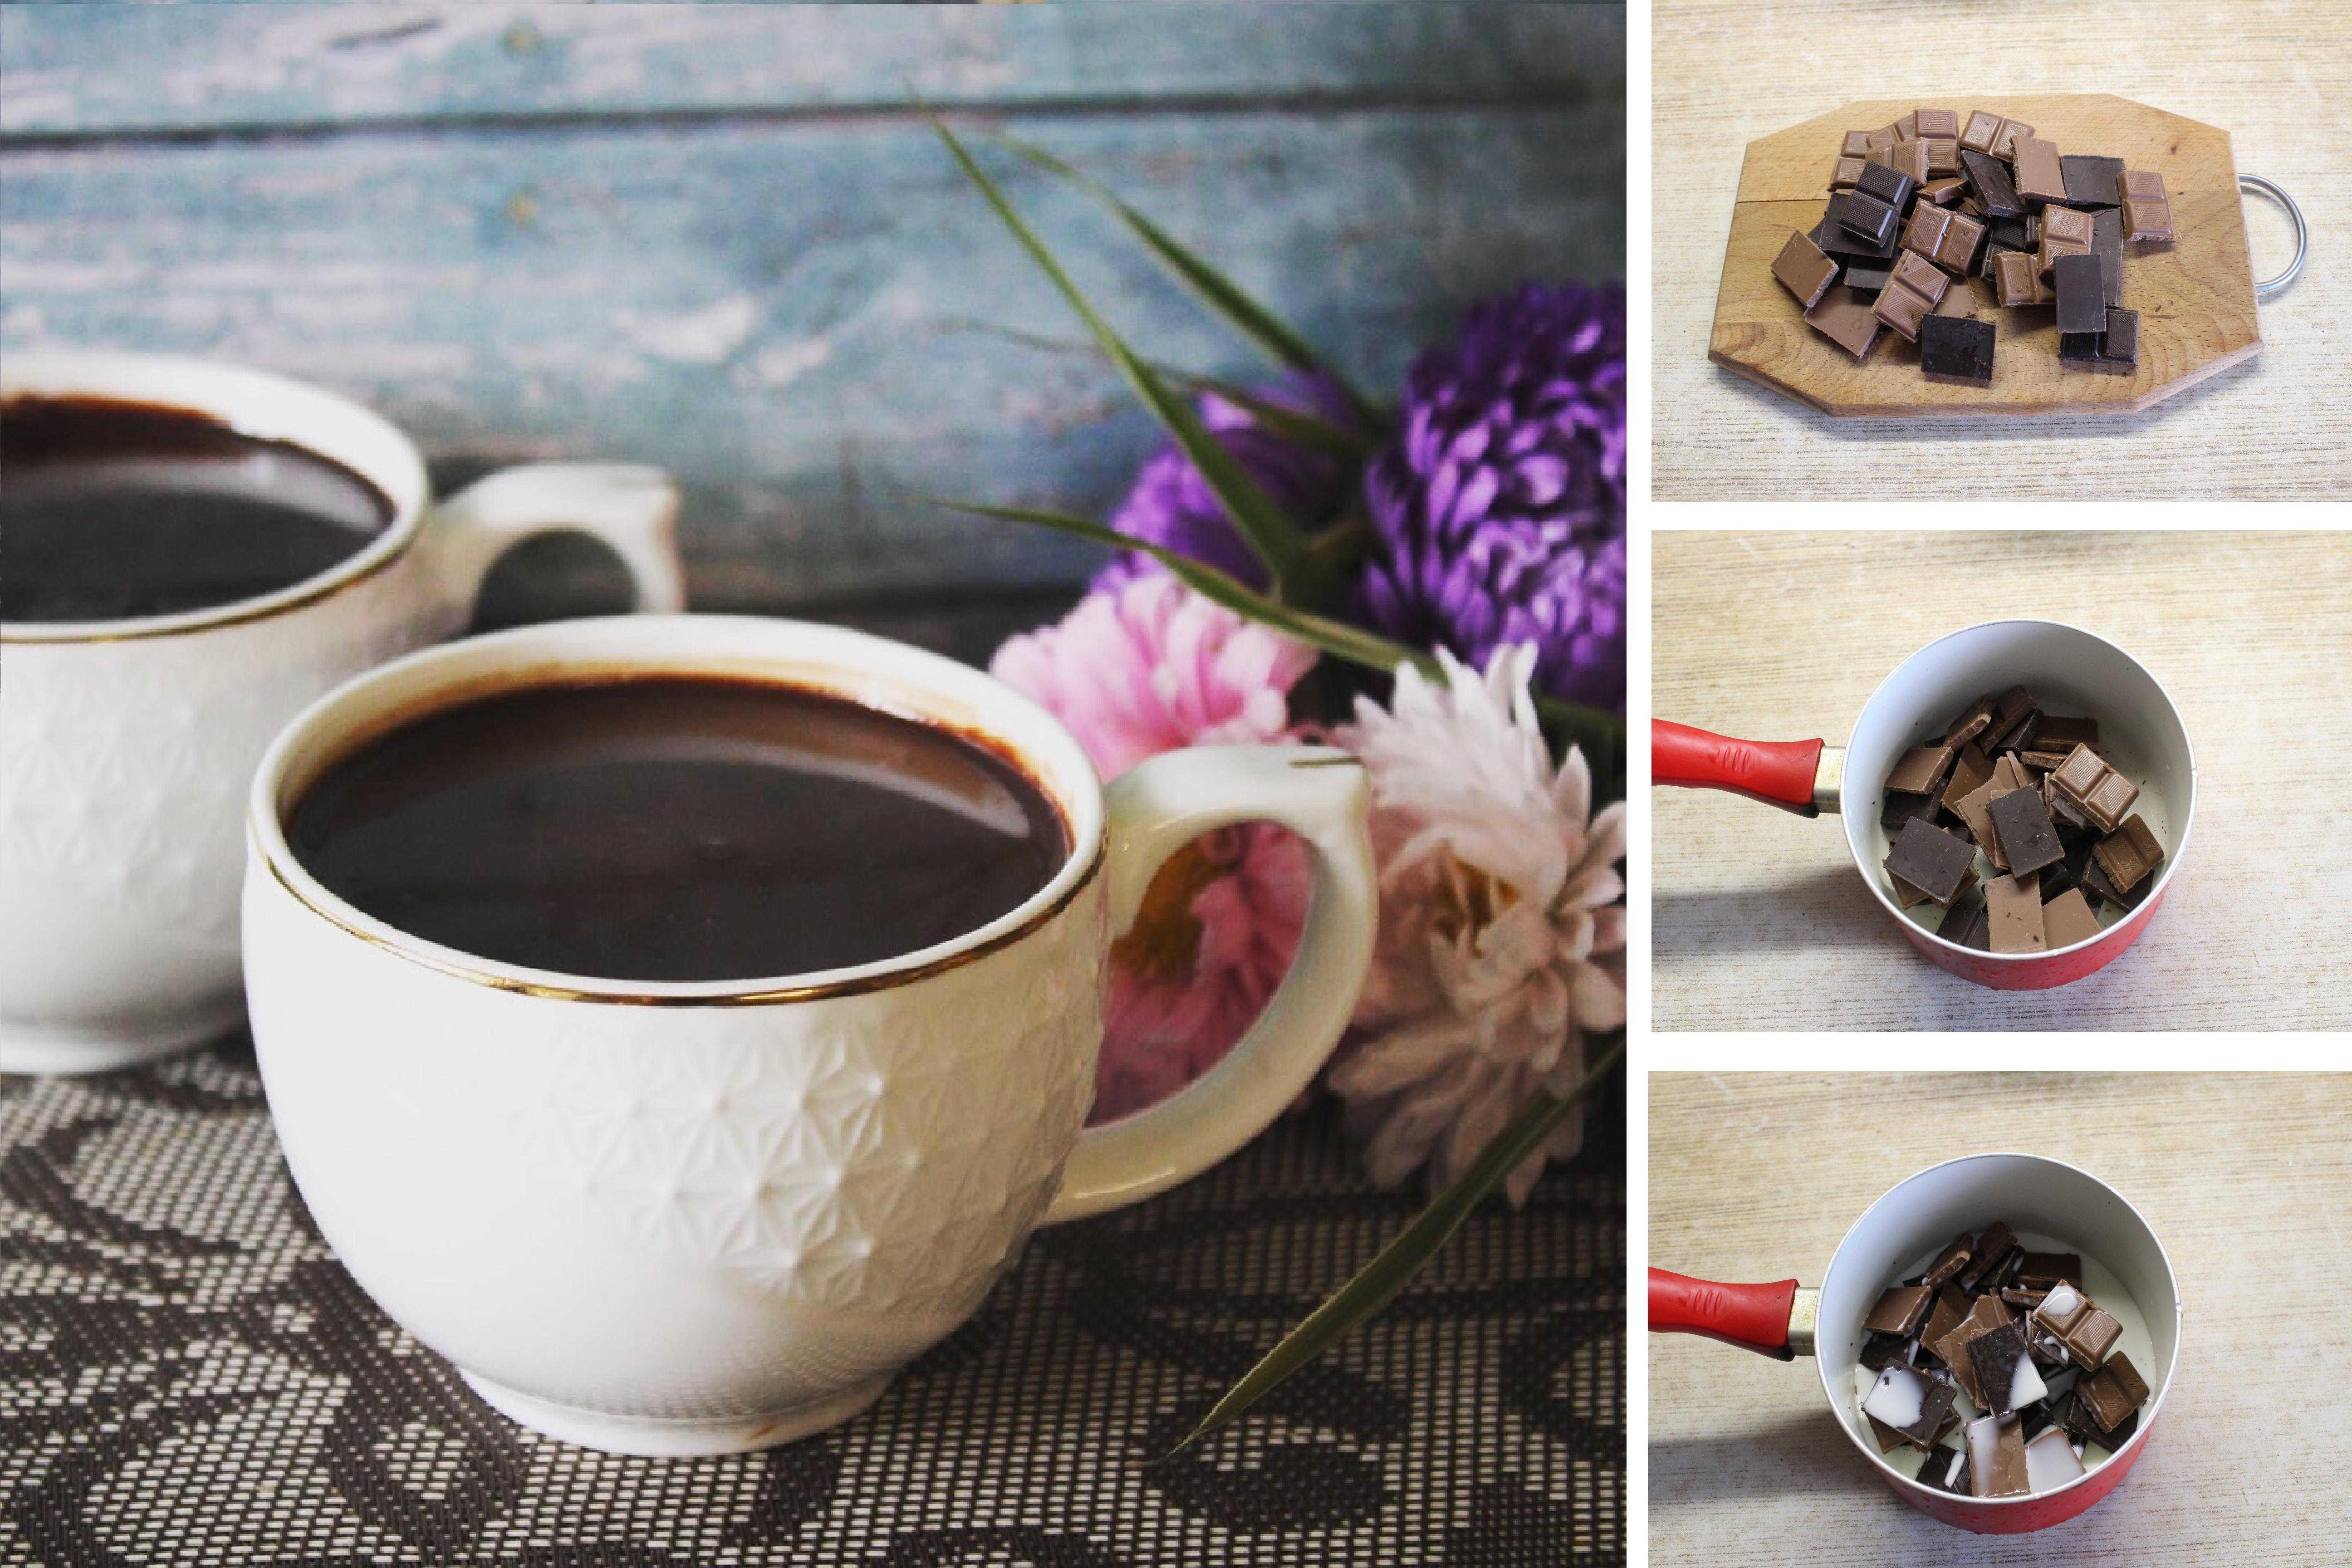 Горячий шоколад с перцем чили и корицей: пошаговый фото рецепт